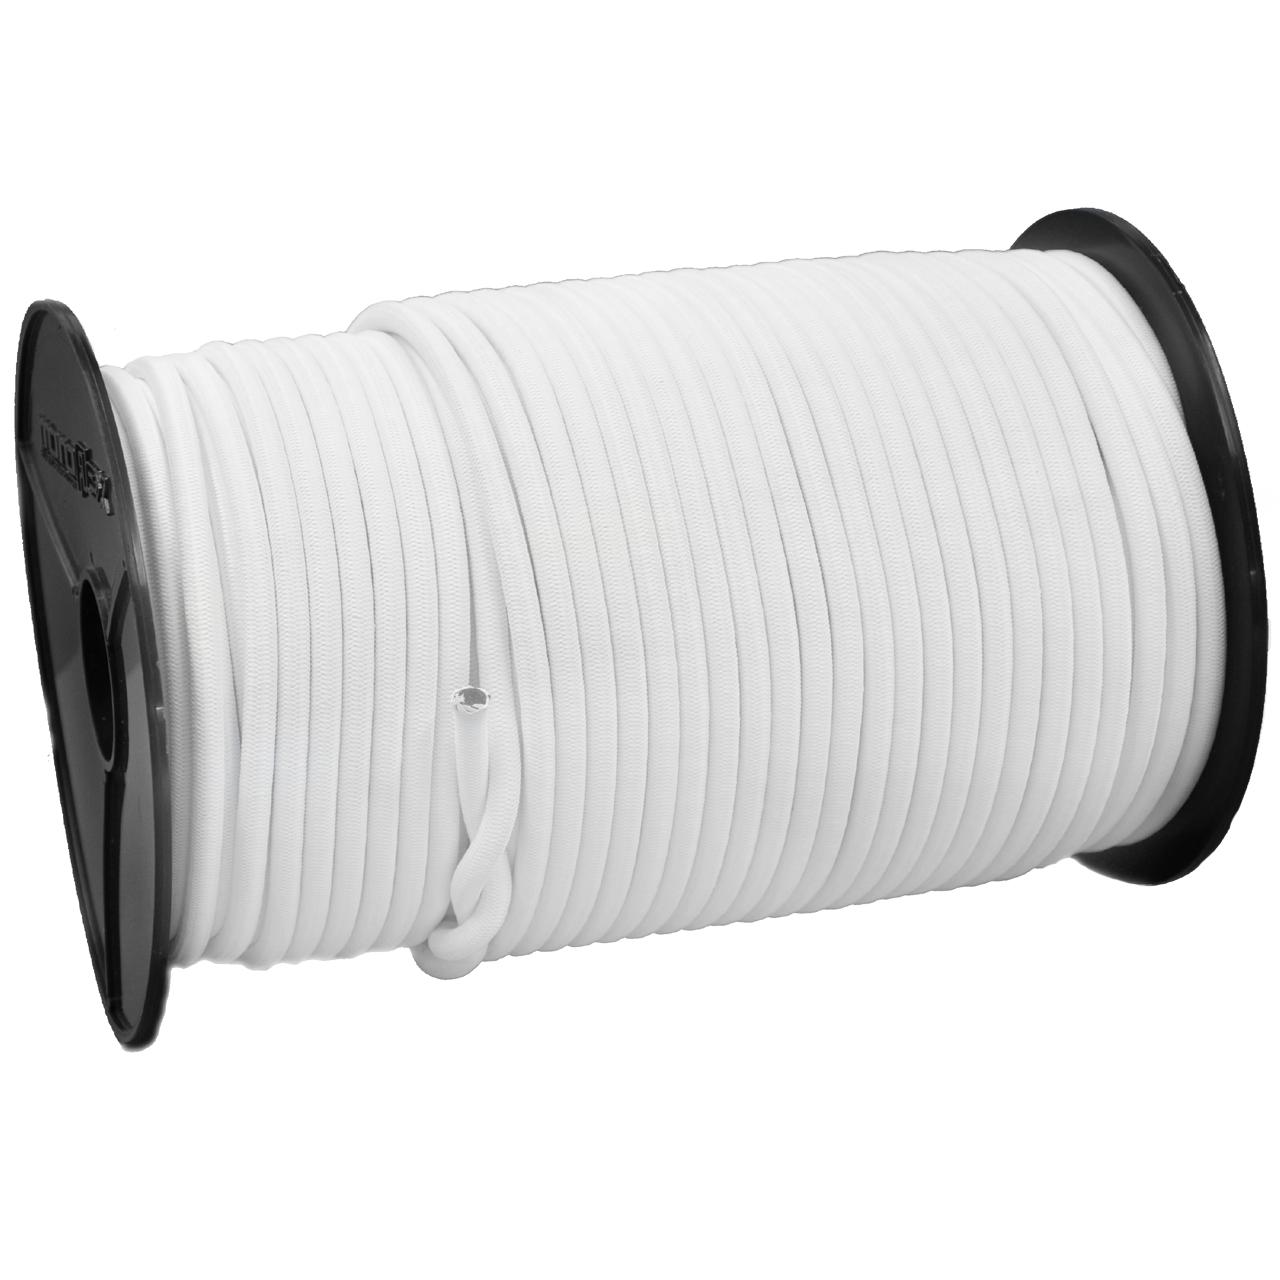 SCHNURHAUS - Monoflex Expanderseil mit Polyethylen (PE) Mantel weiss